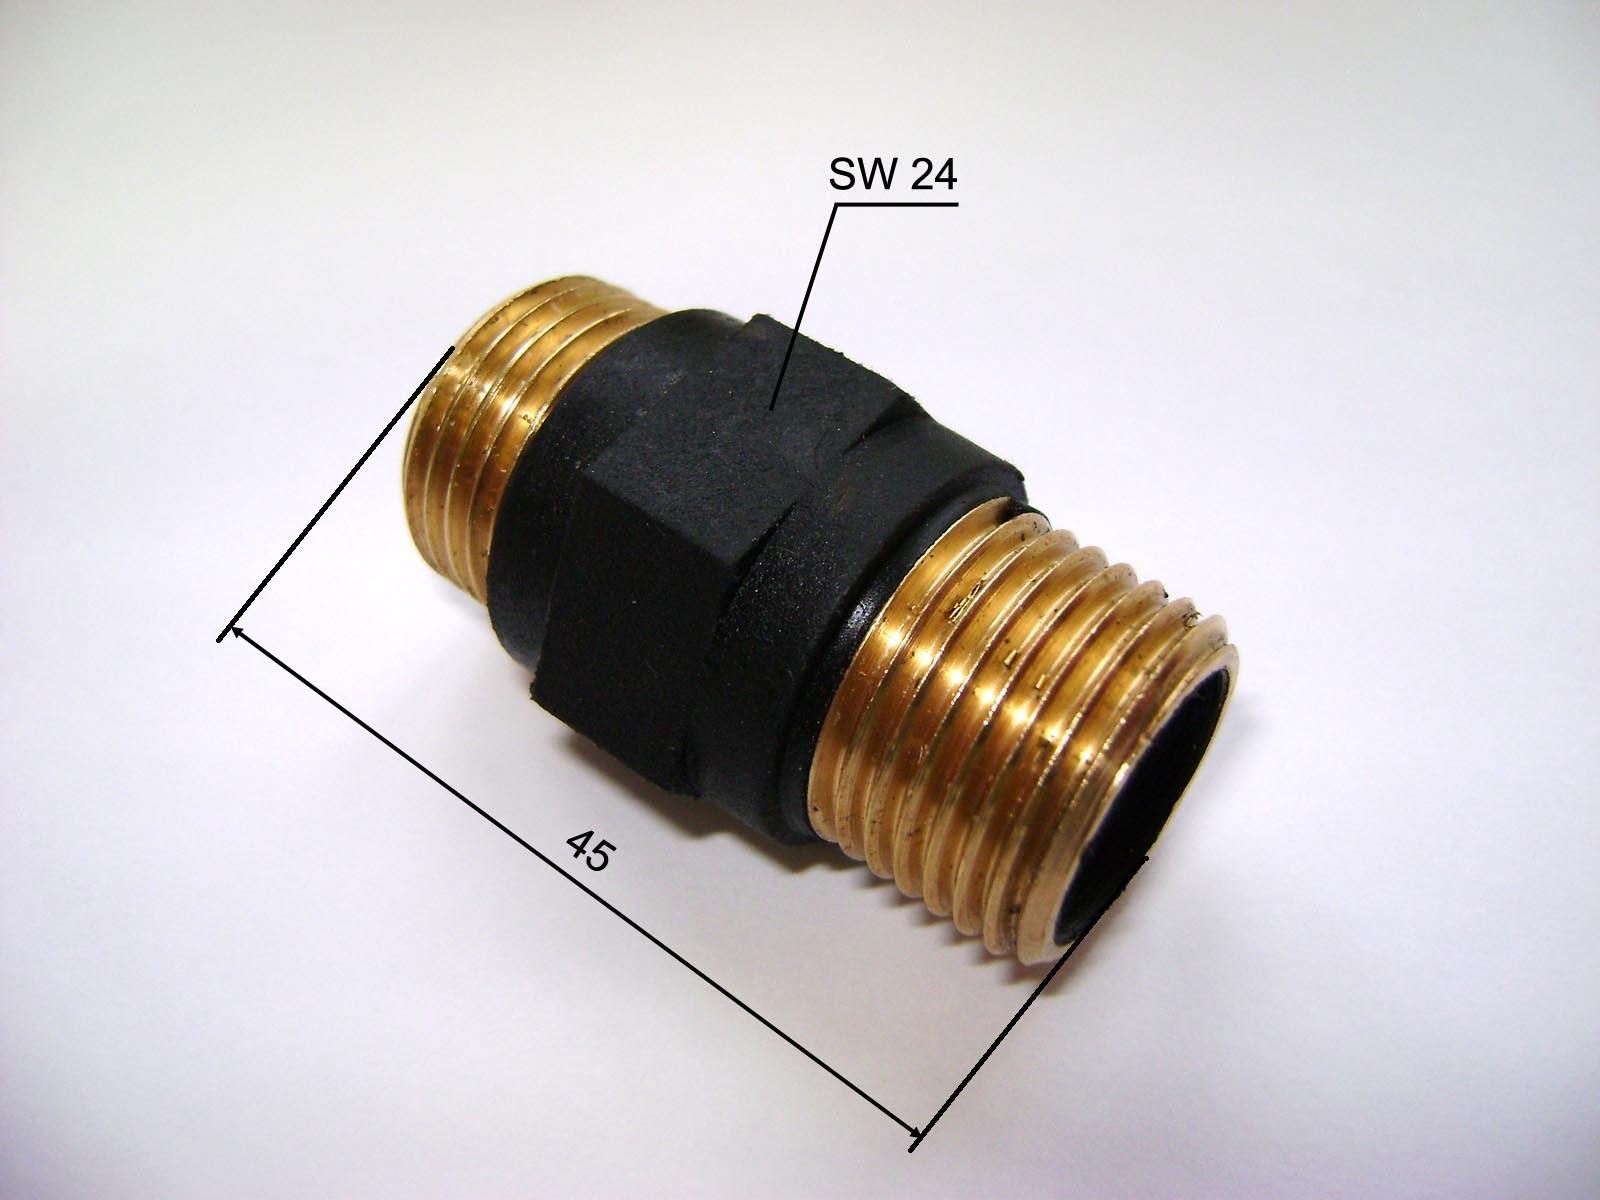 Диэлектрическая муфта для газа установка